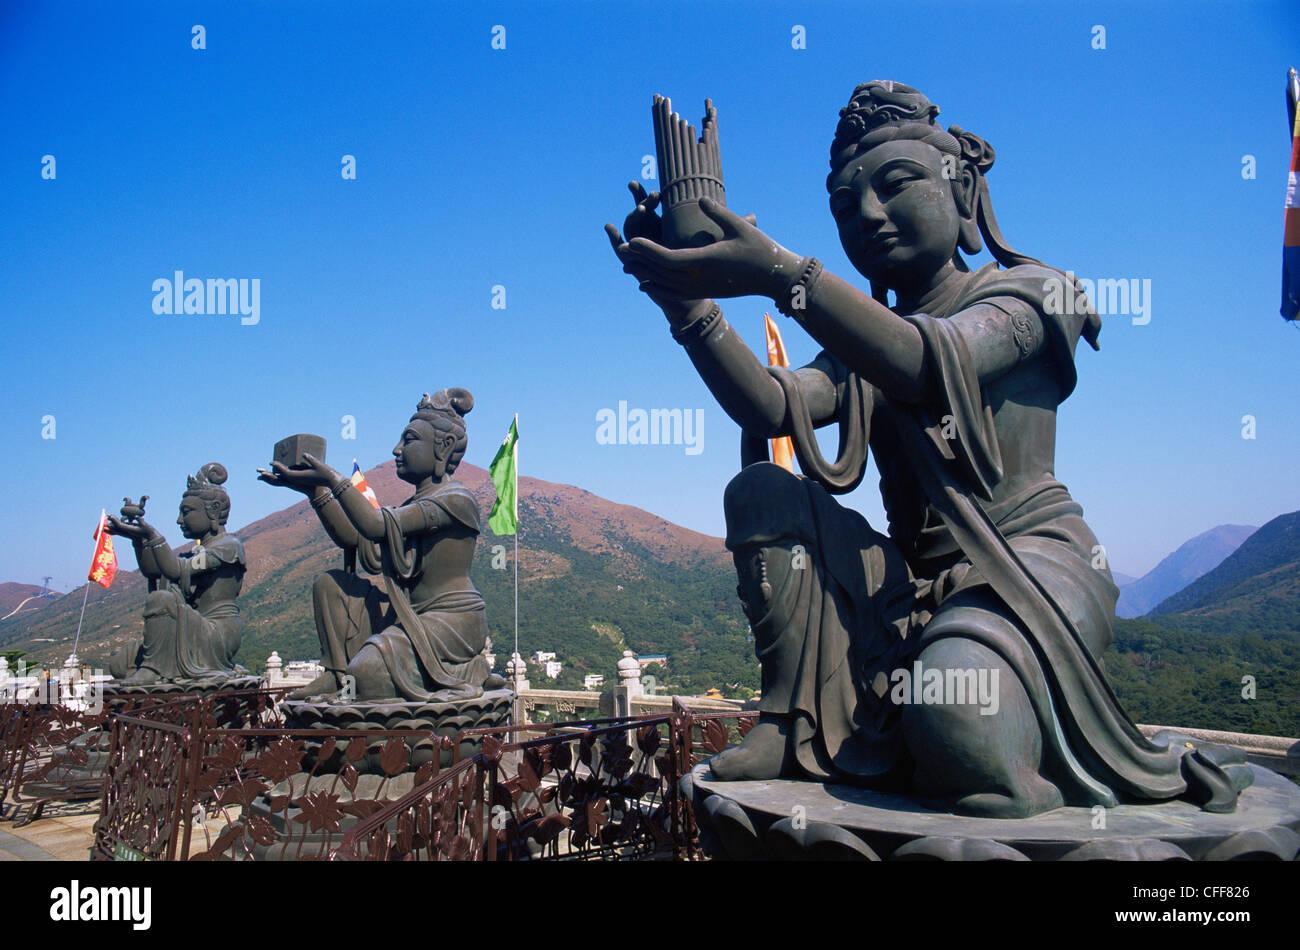 China, Hong Kong, Lantau, Chinese Goddess Statues at Po Lin Monastery - Stock Image